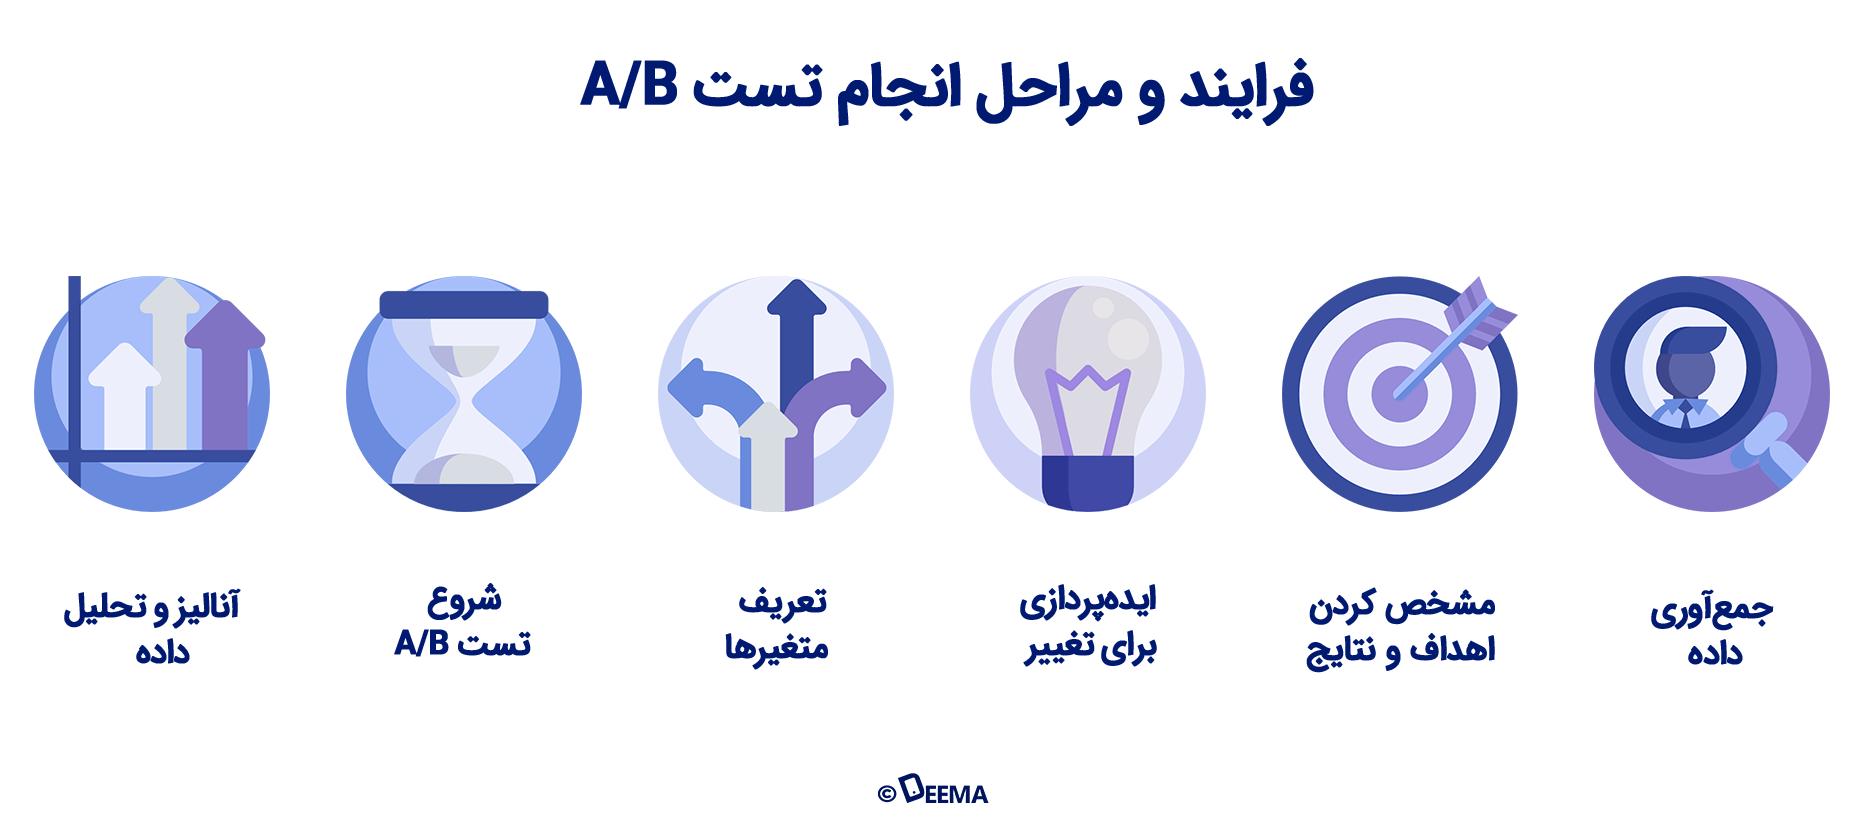 مراحل تست A/B